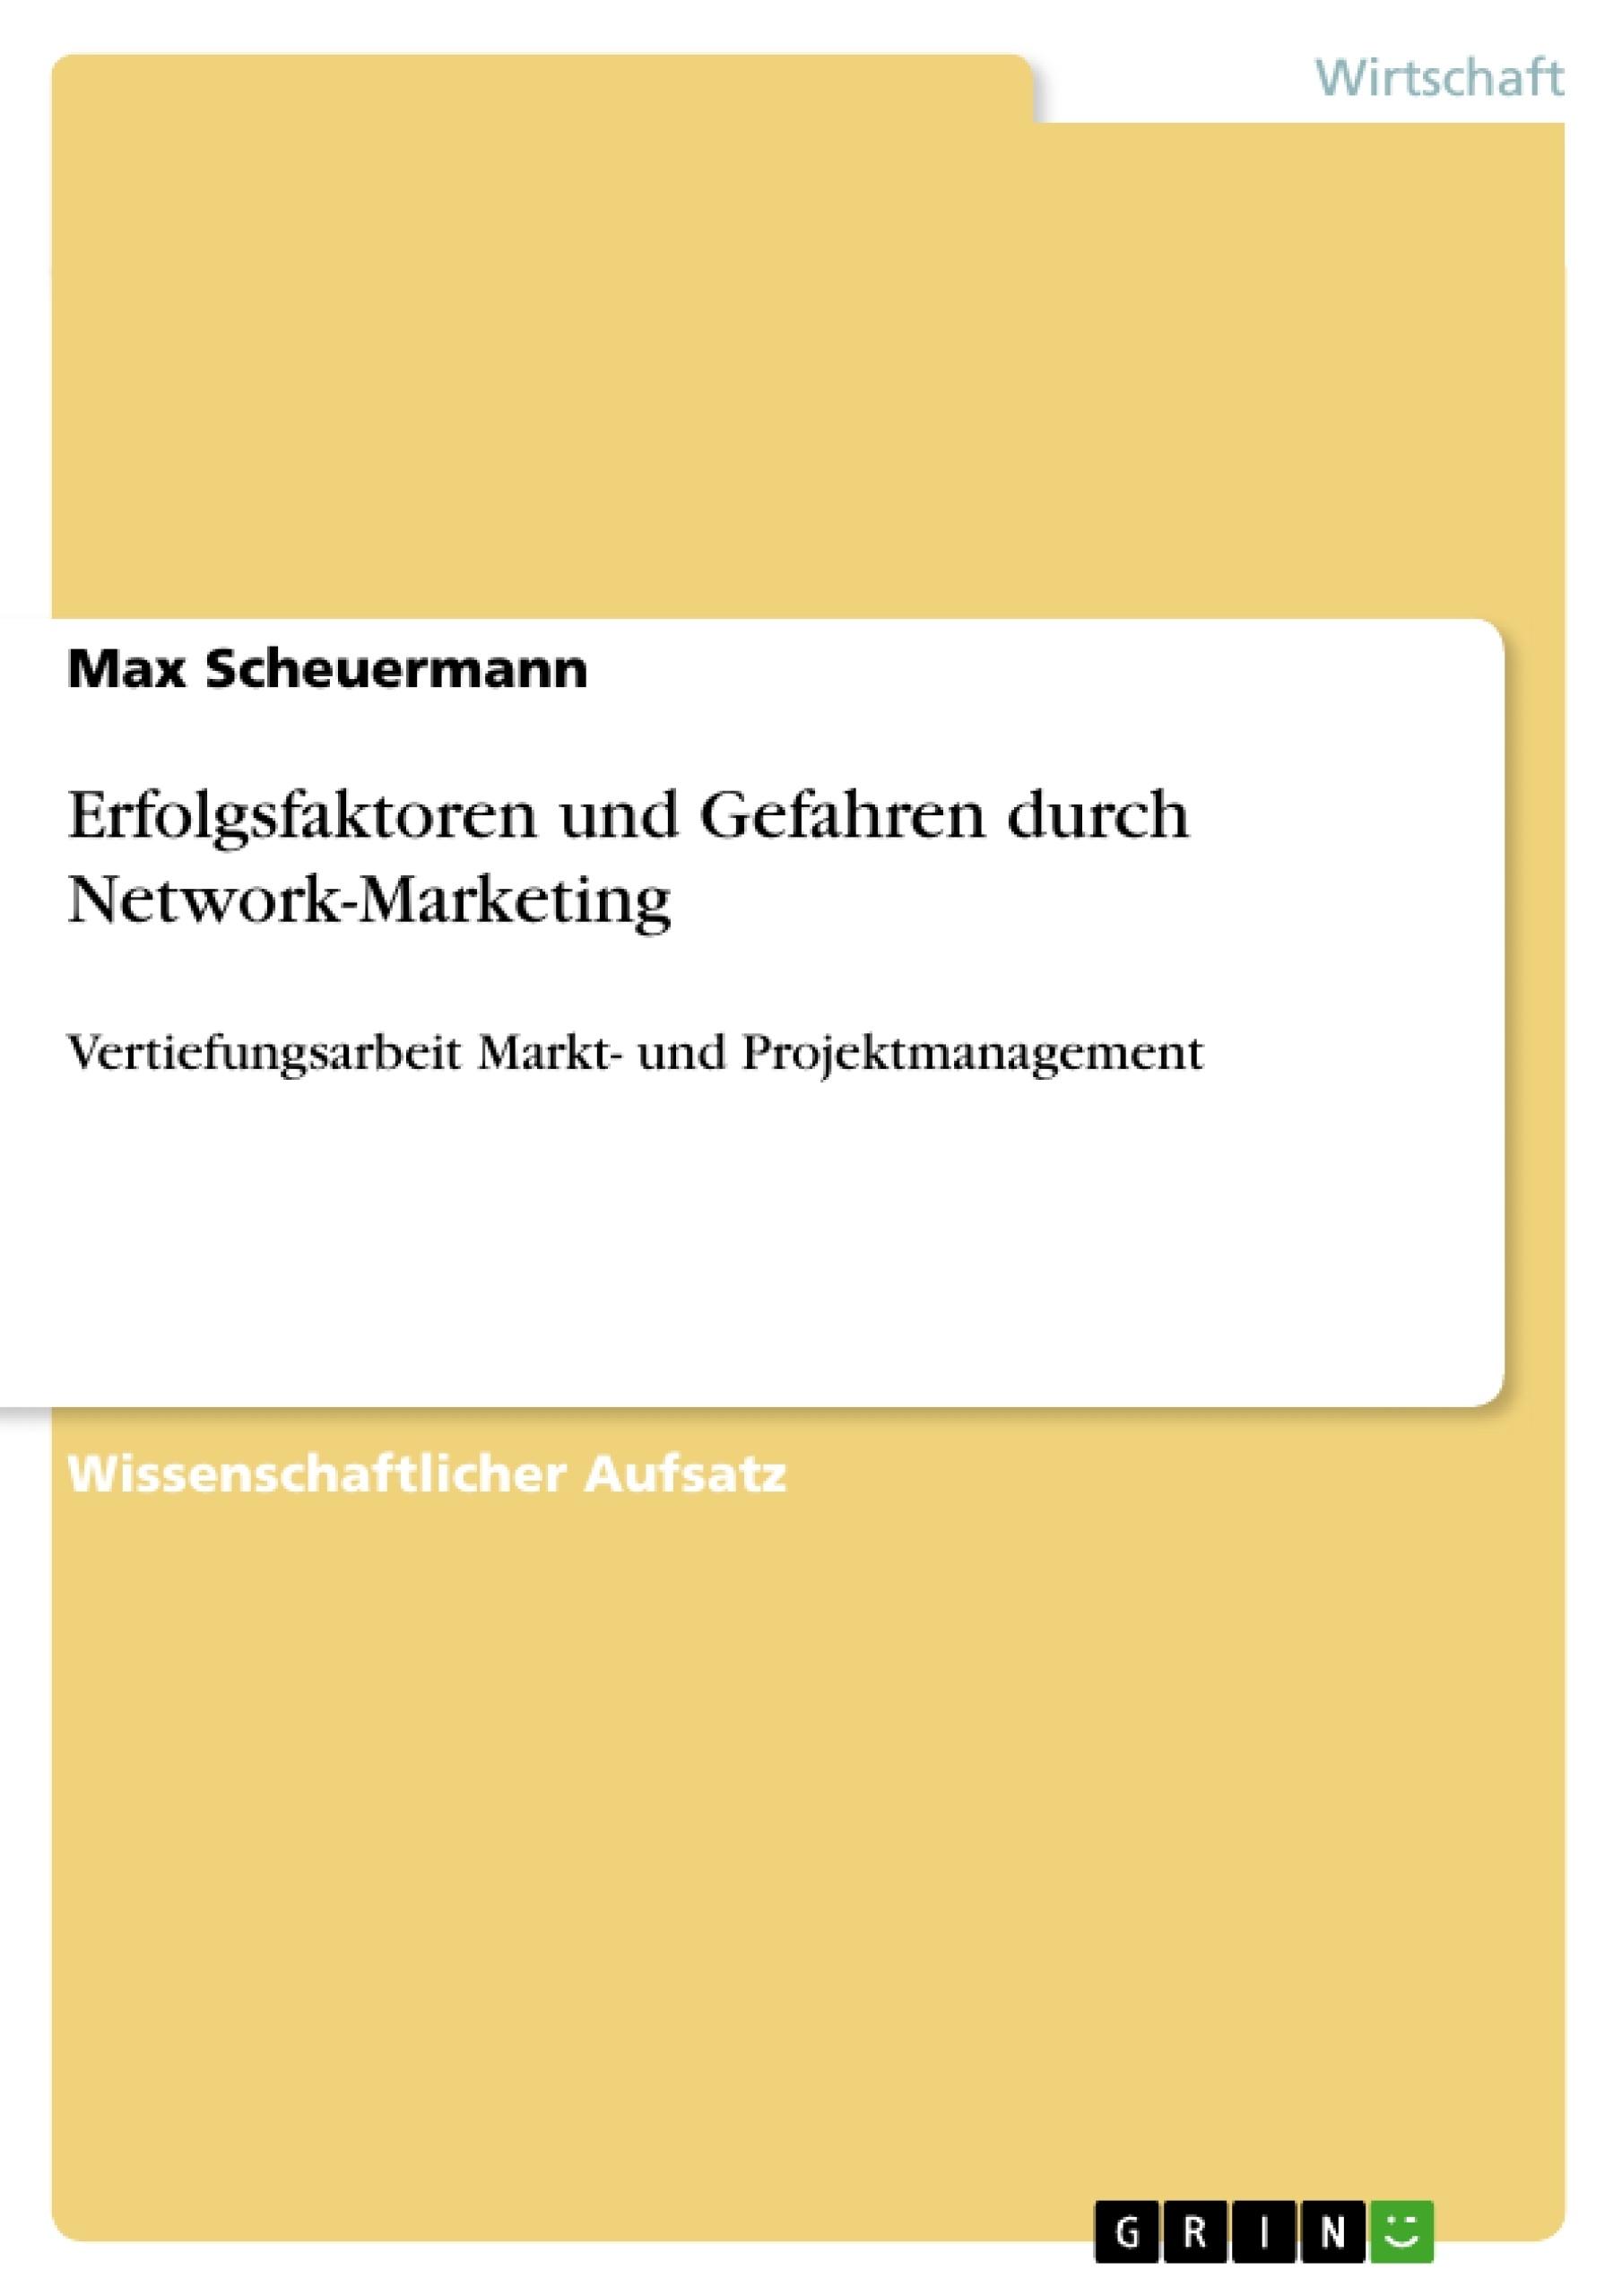 Titel: Erfolgsfaktoren und Gefahren durch Network-Marketing